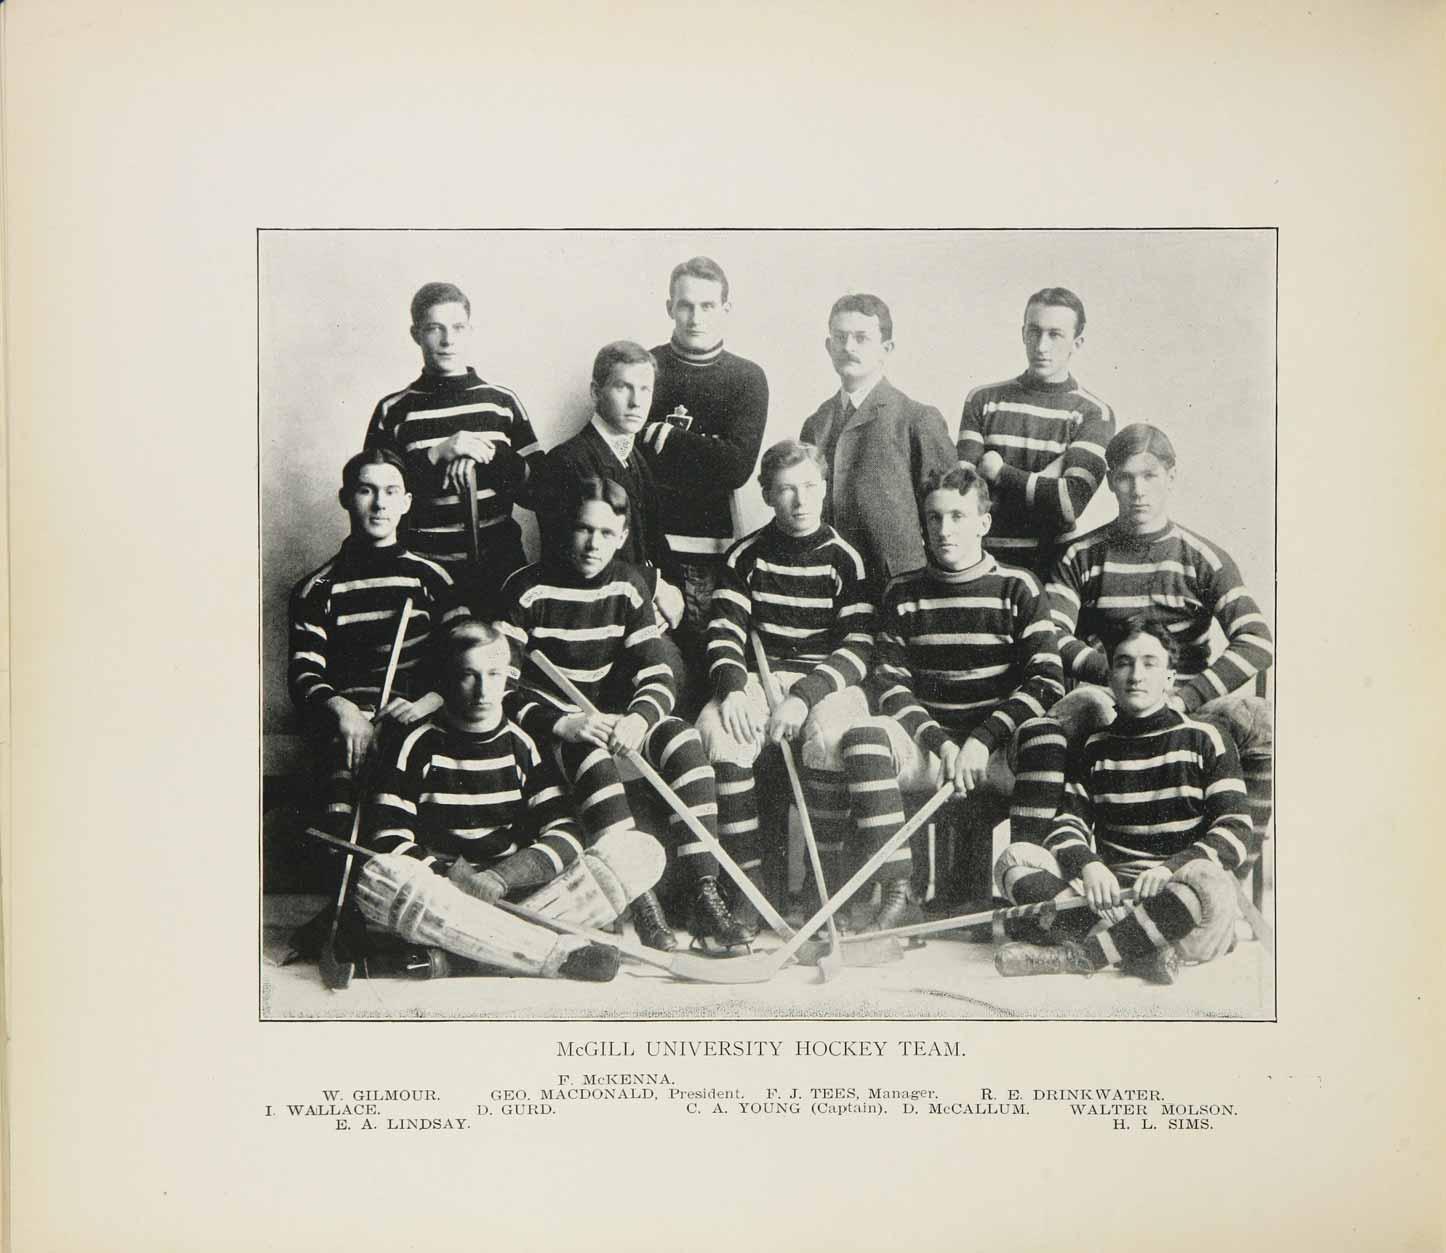 1903-04 CIAU Season